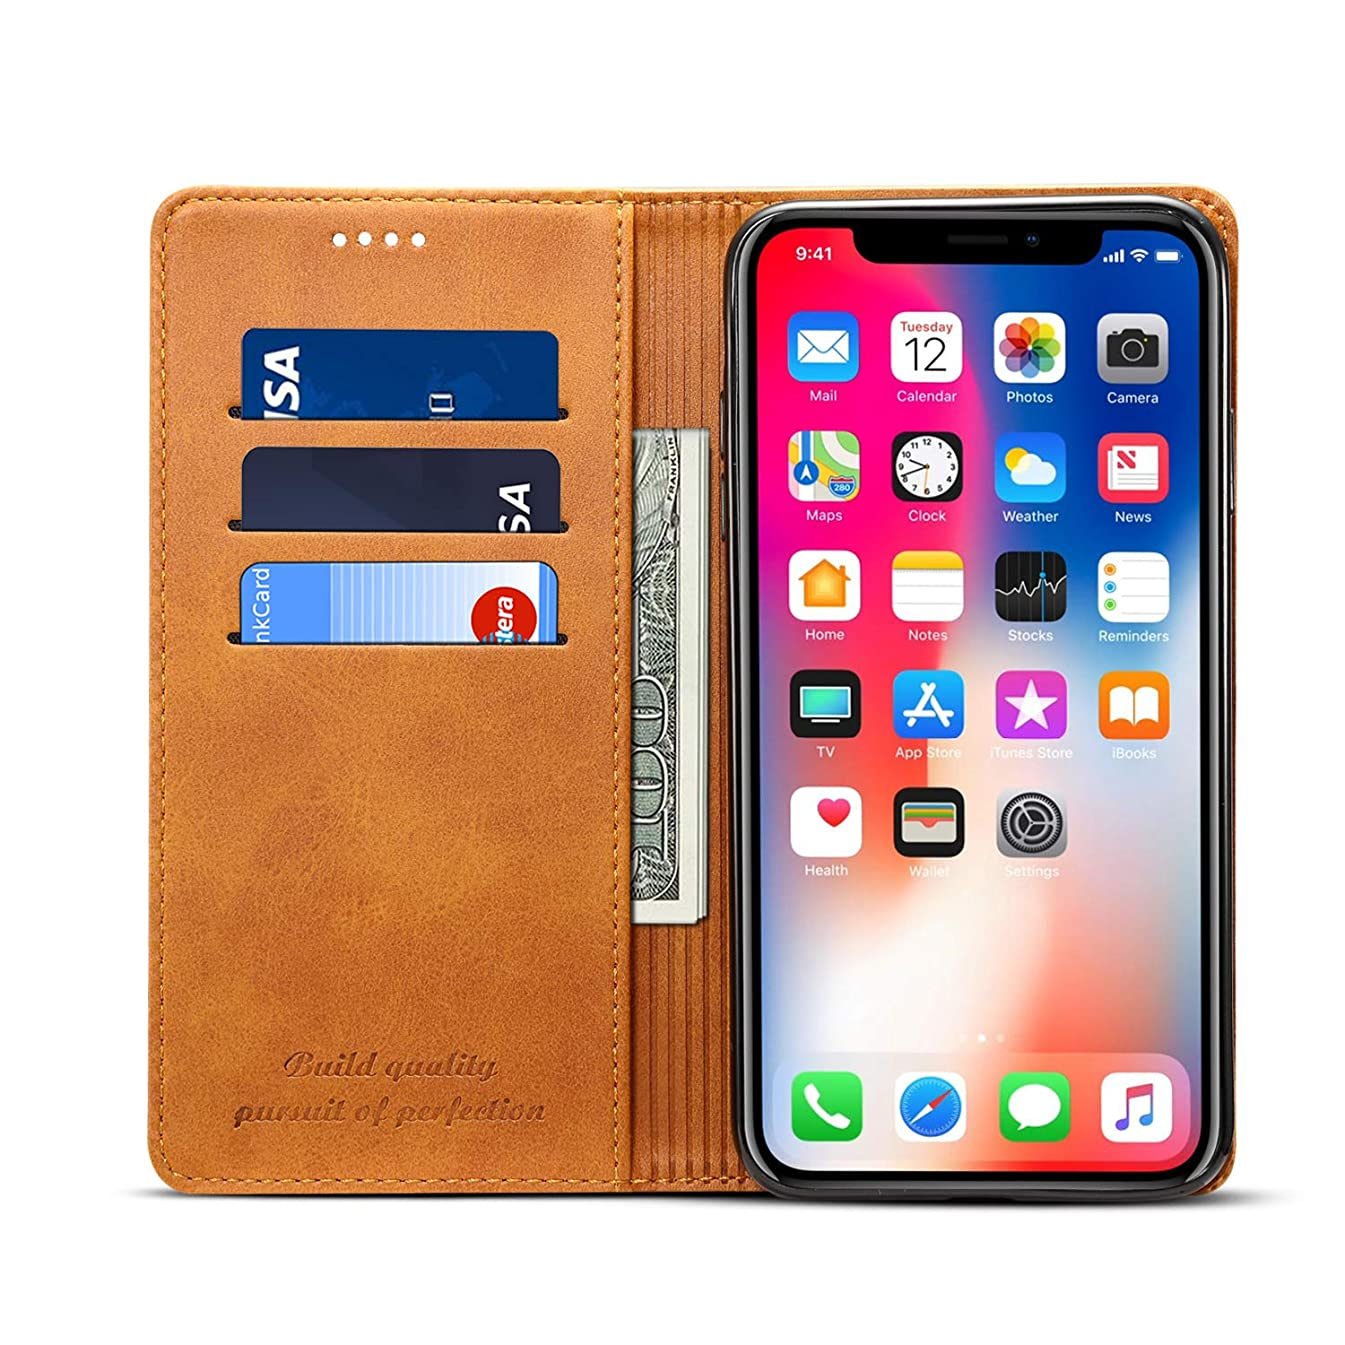 ヒールアトム傑出したiPhone XS Maxのレザーケース、キックスタンドフリップカバー付きtaStoneプレミアムPUレザーウォレットケーススタイリッシュなスリムな耐衝撃保護ケース、iPhone XS Max用のスタンドとカードスロット付き、ライトブラウン